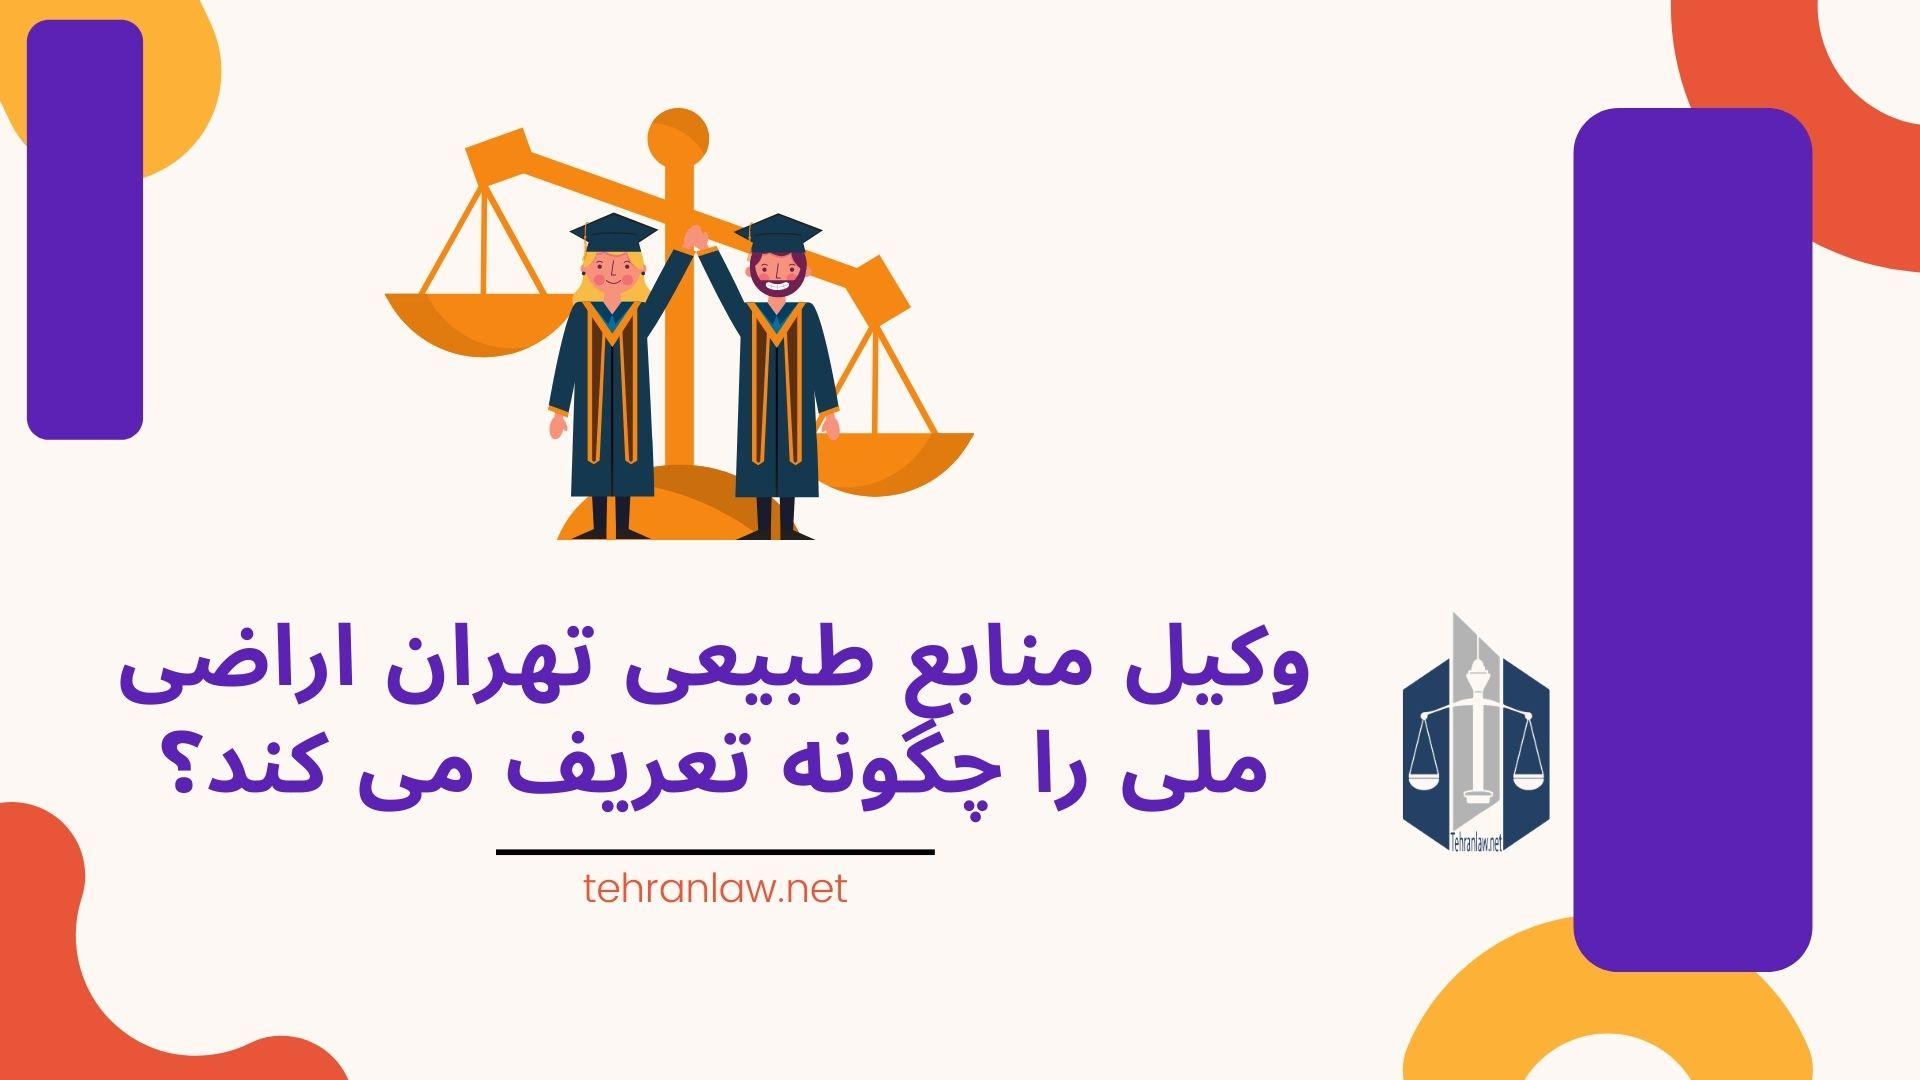 وکیل منابع طبیعی تهران اراضی ملی را چگونه تعریف می کند؟